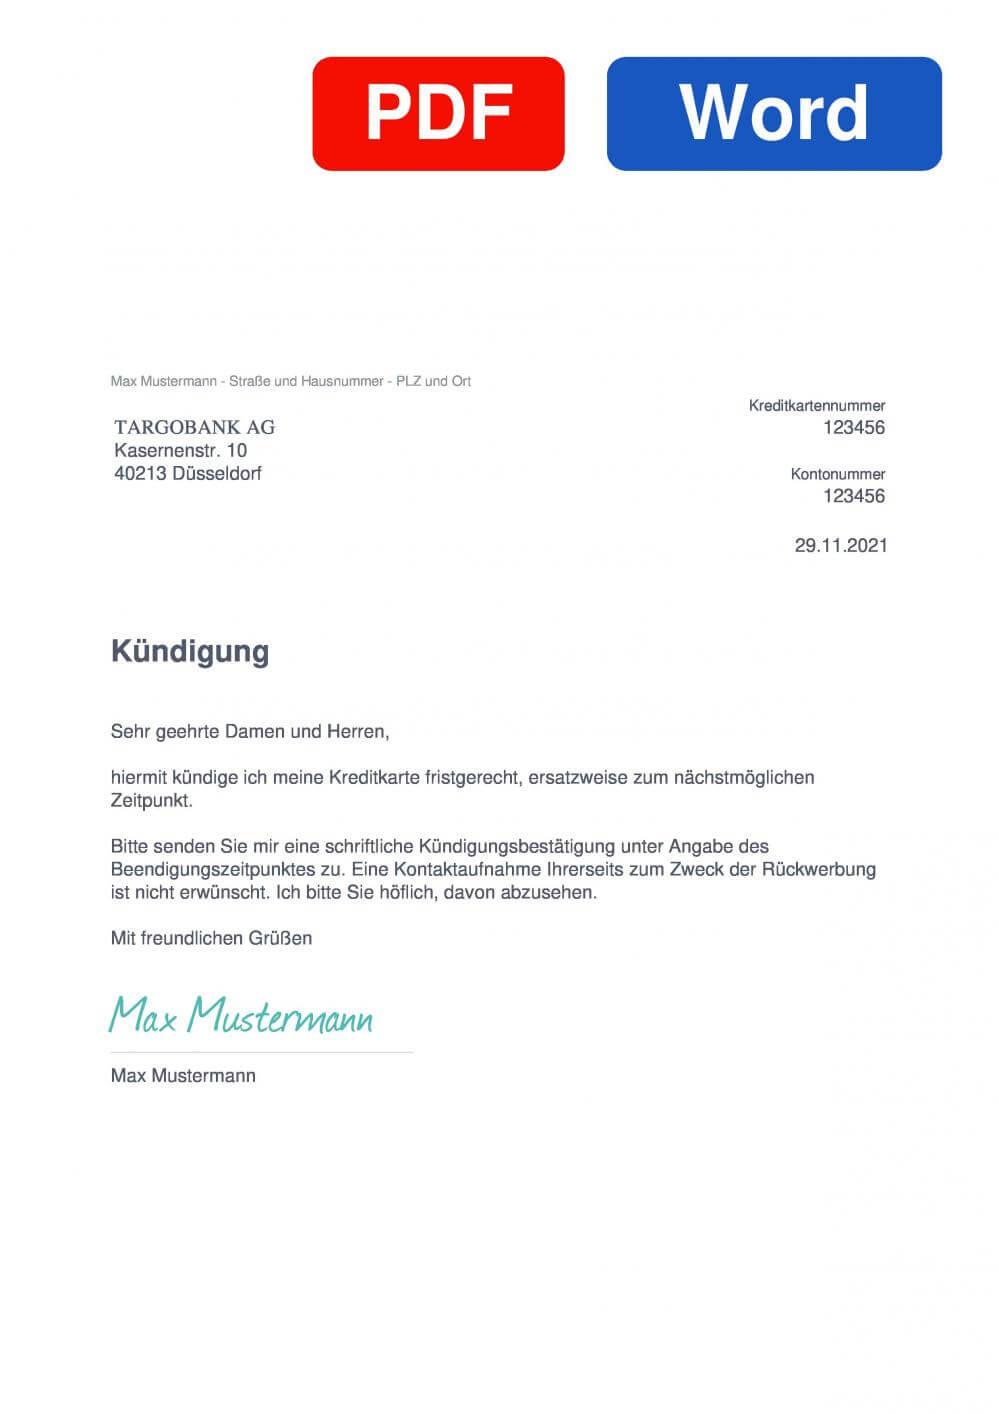 TARGOBANK Visa Muster Vorlage für Kündigungsschreiben